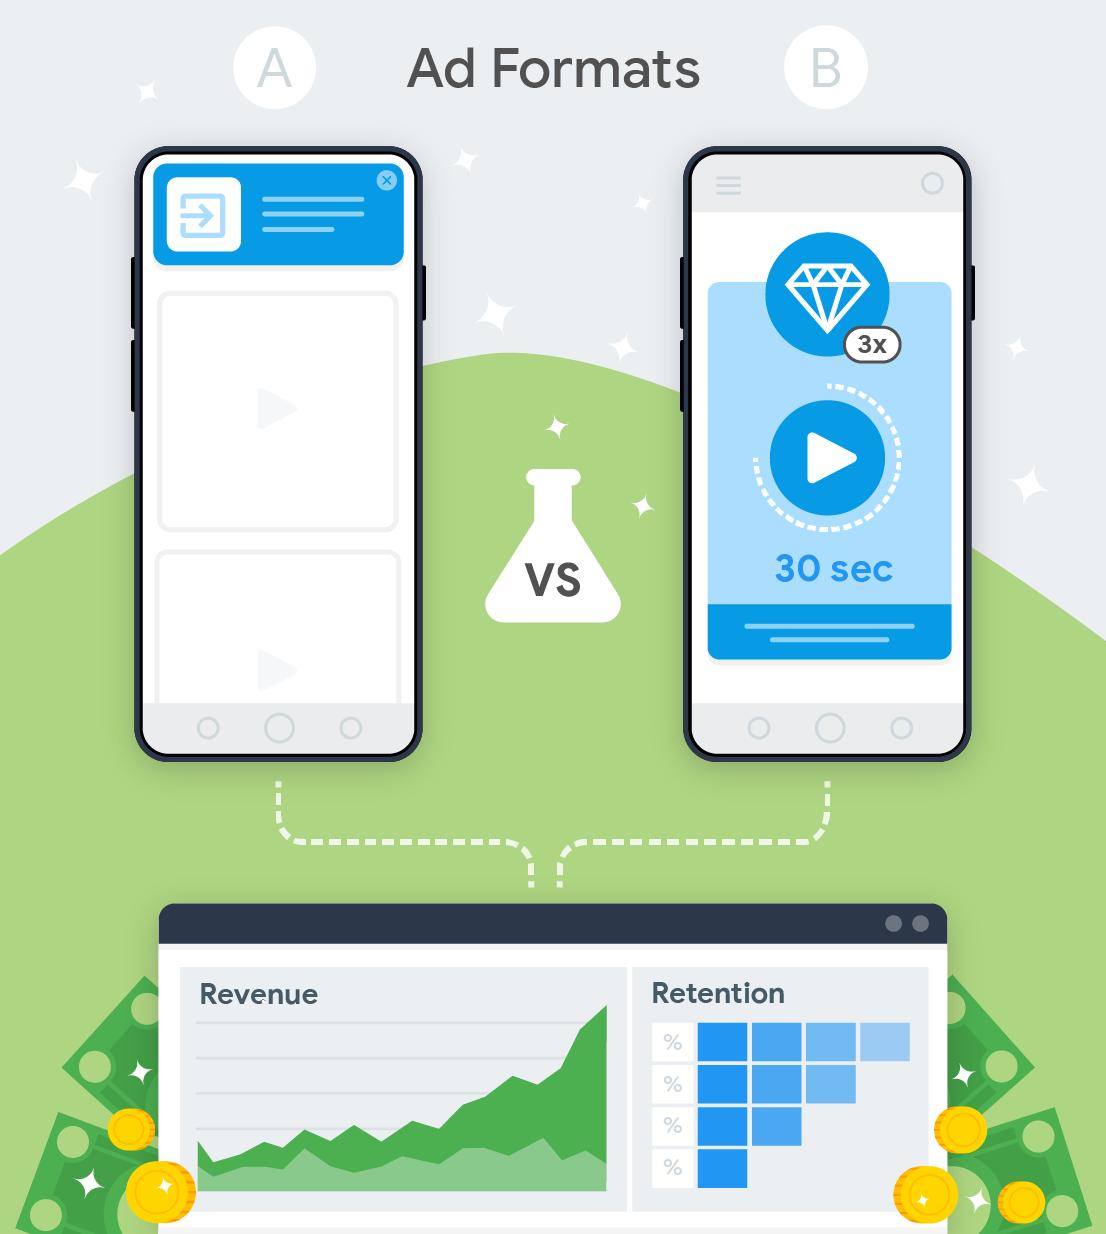 menguji dua format iklan dan dampaknya terhadap pendapatan dan retensi